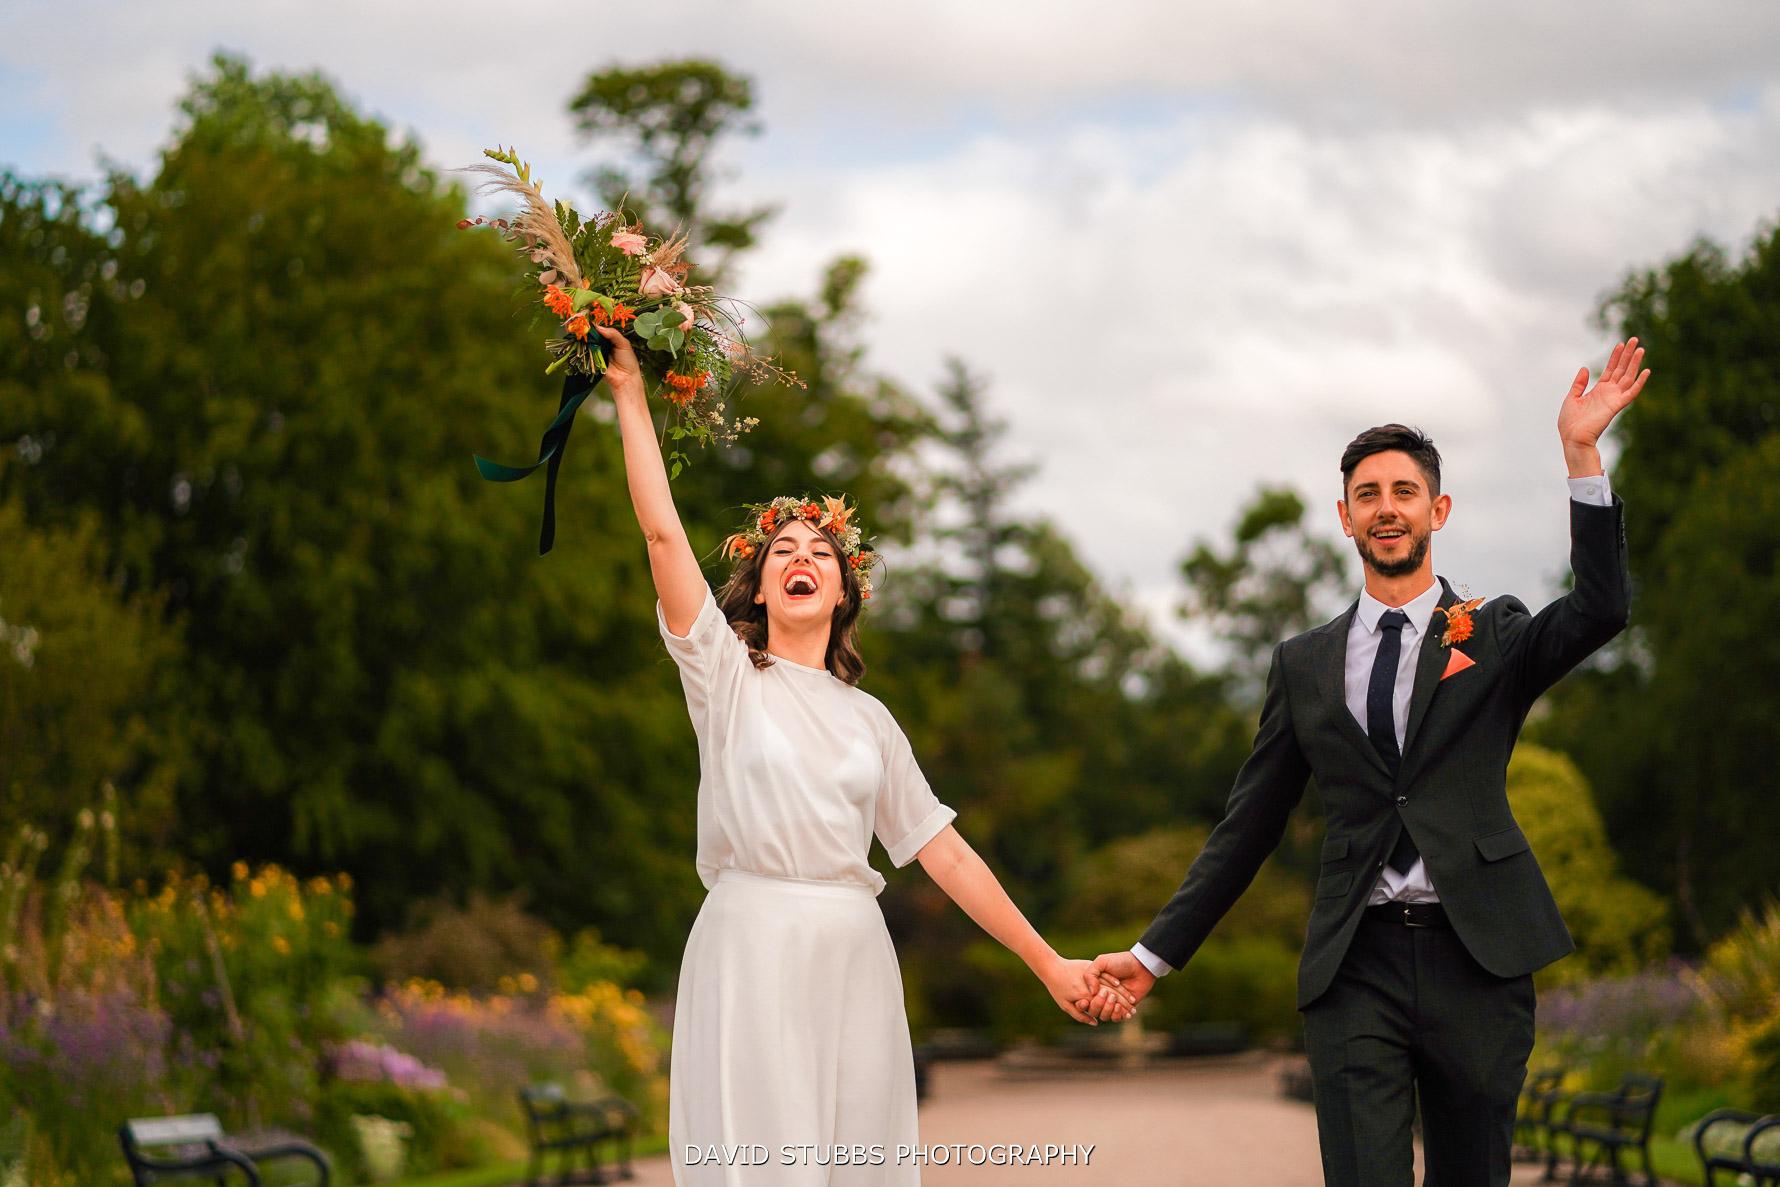 natural photo at wedding